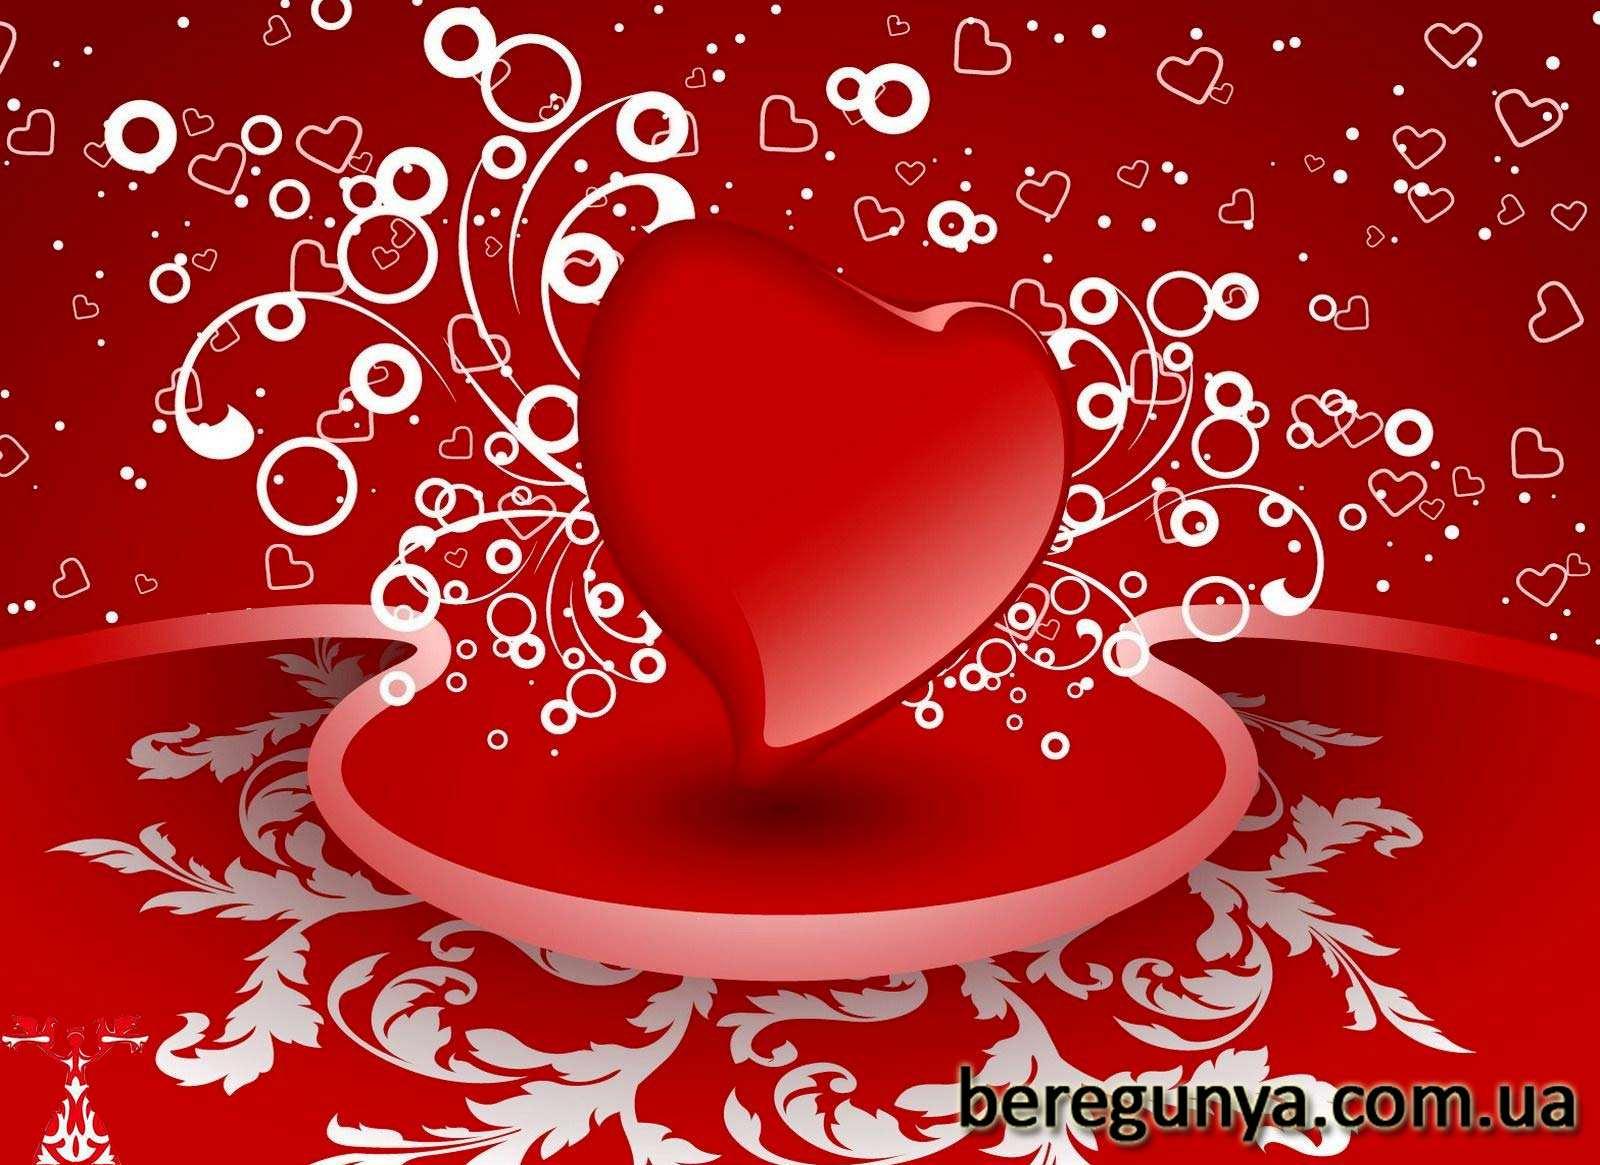 валентинка-для-коханого